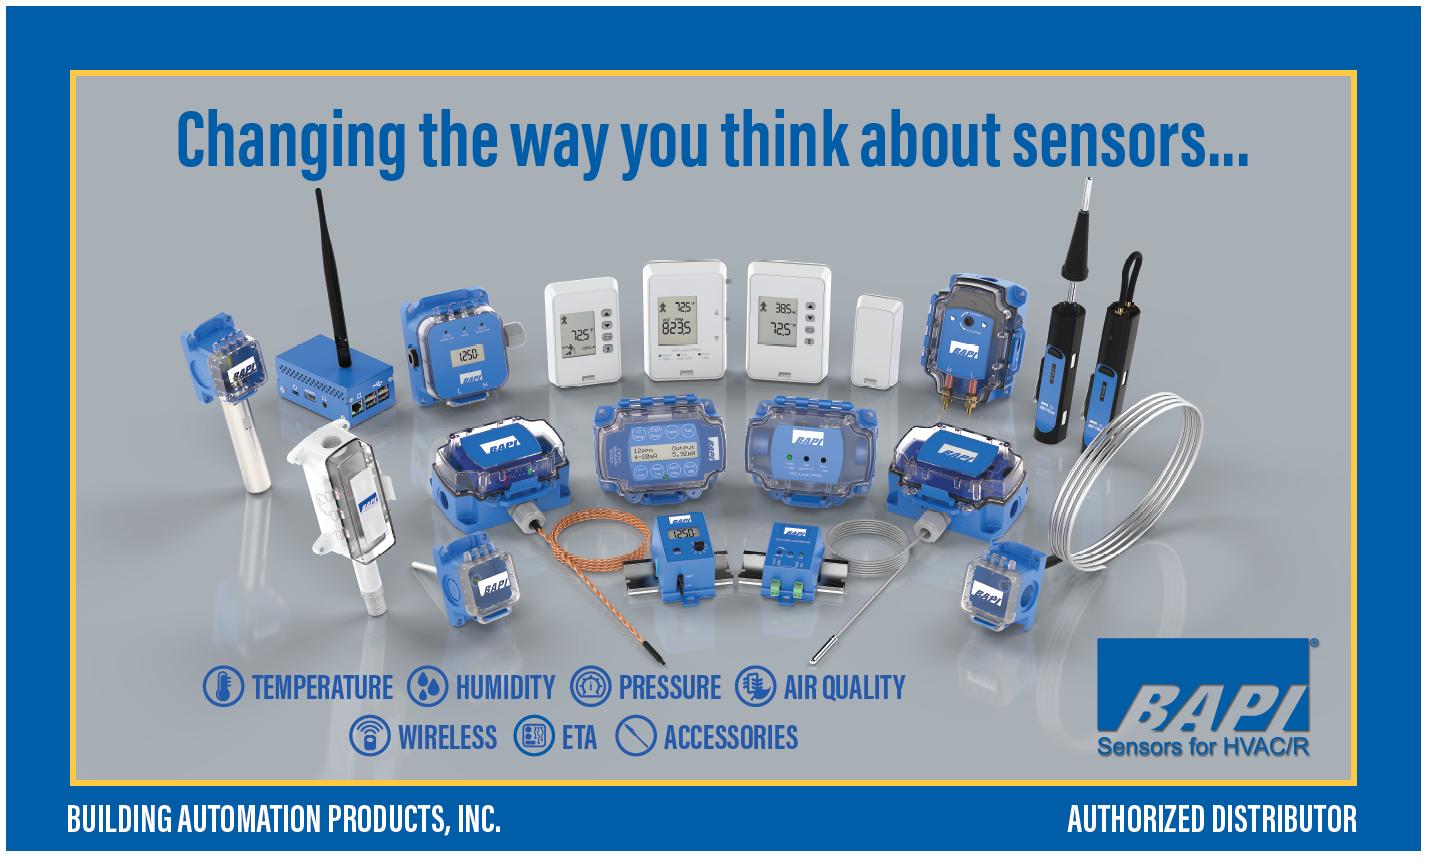 BAPI Sensors at Industrial Stores